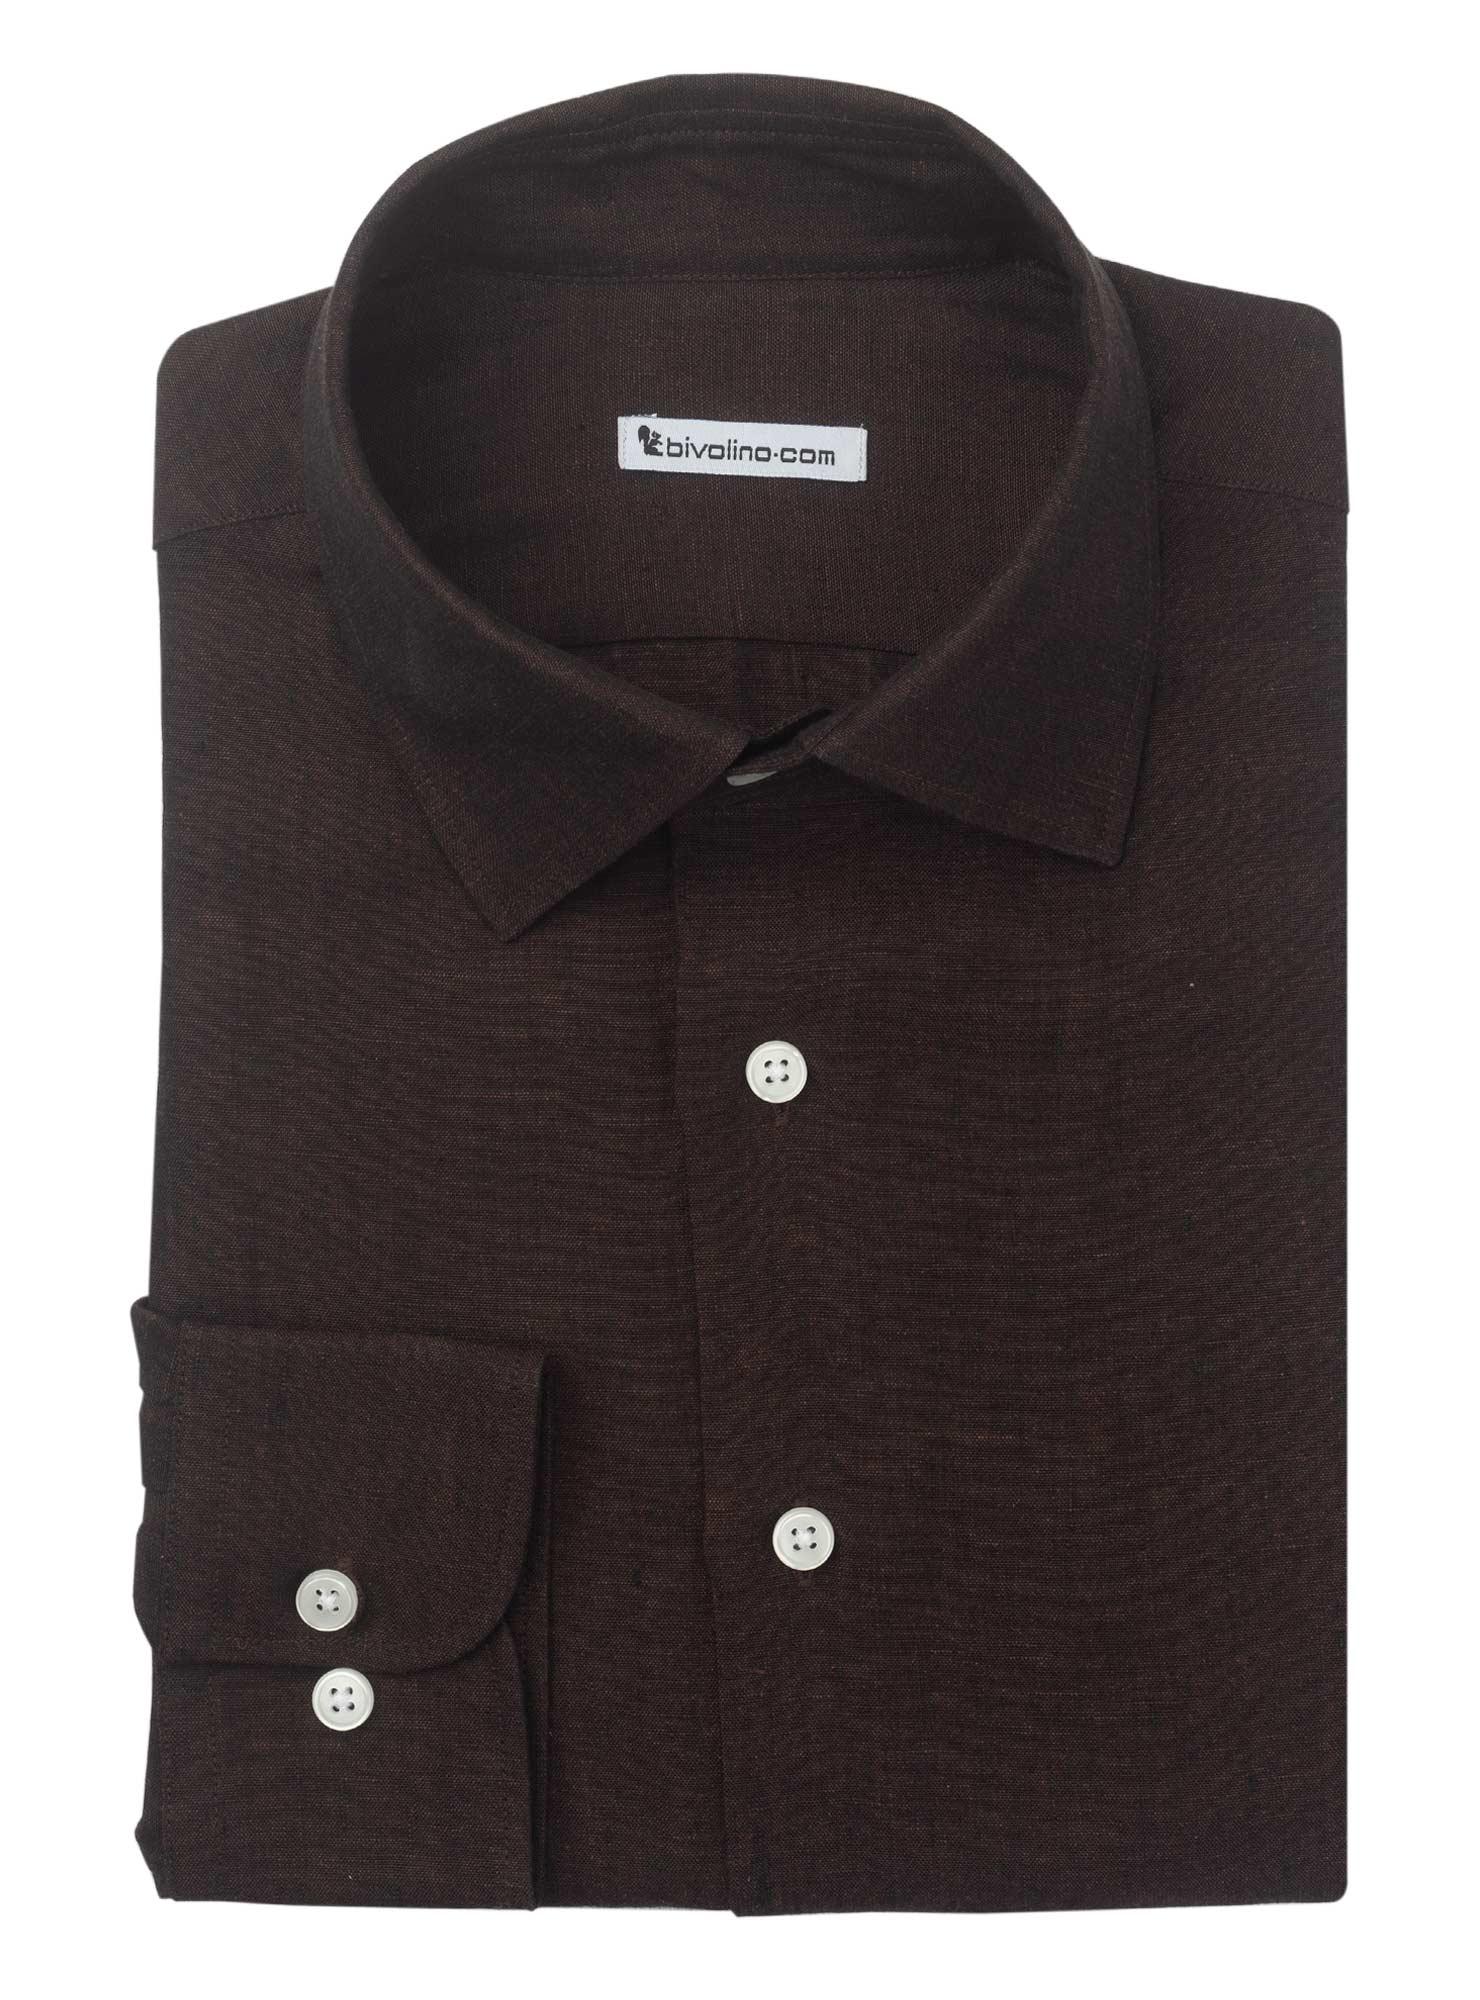 CREMONA - camicia uomo in lino tinta unita marrone - SERA 4